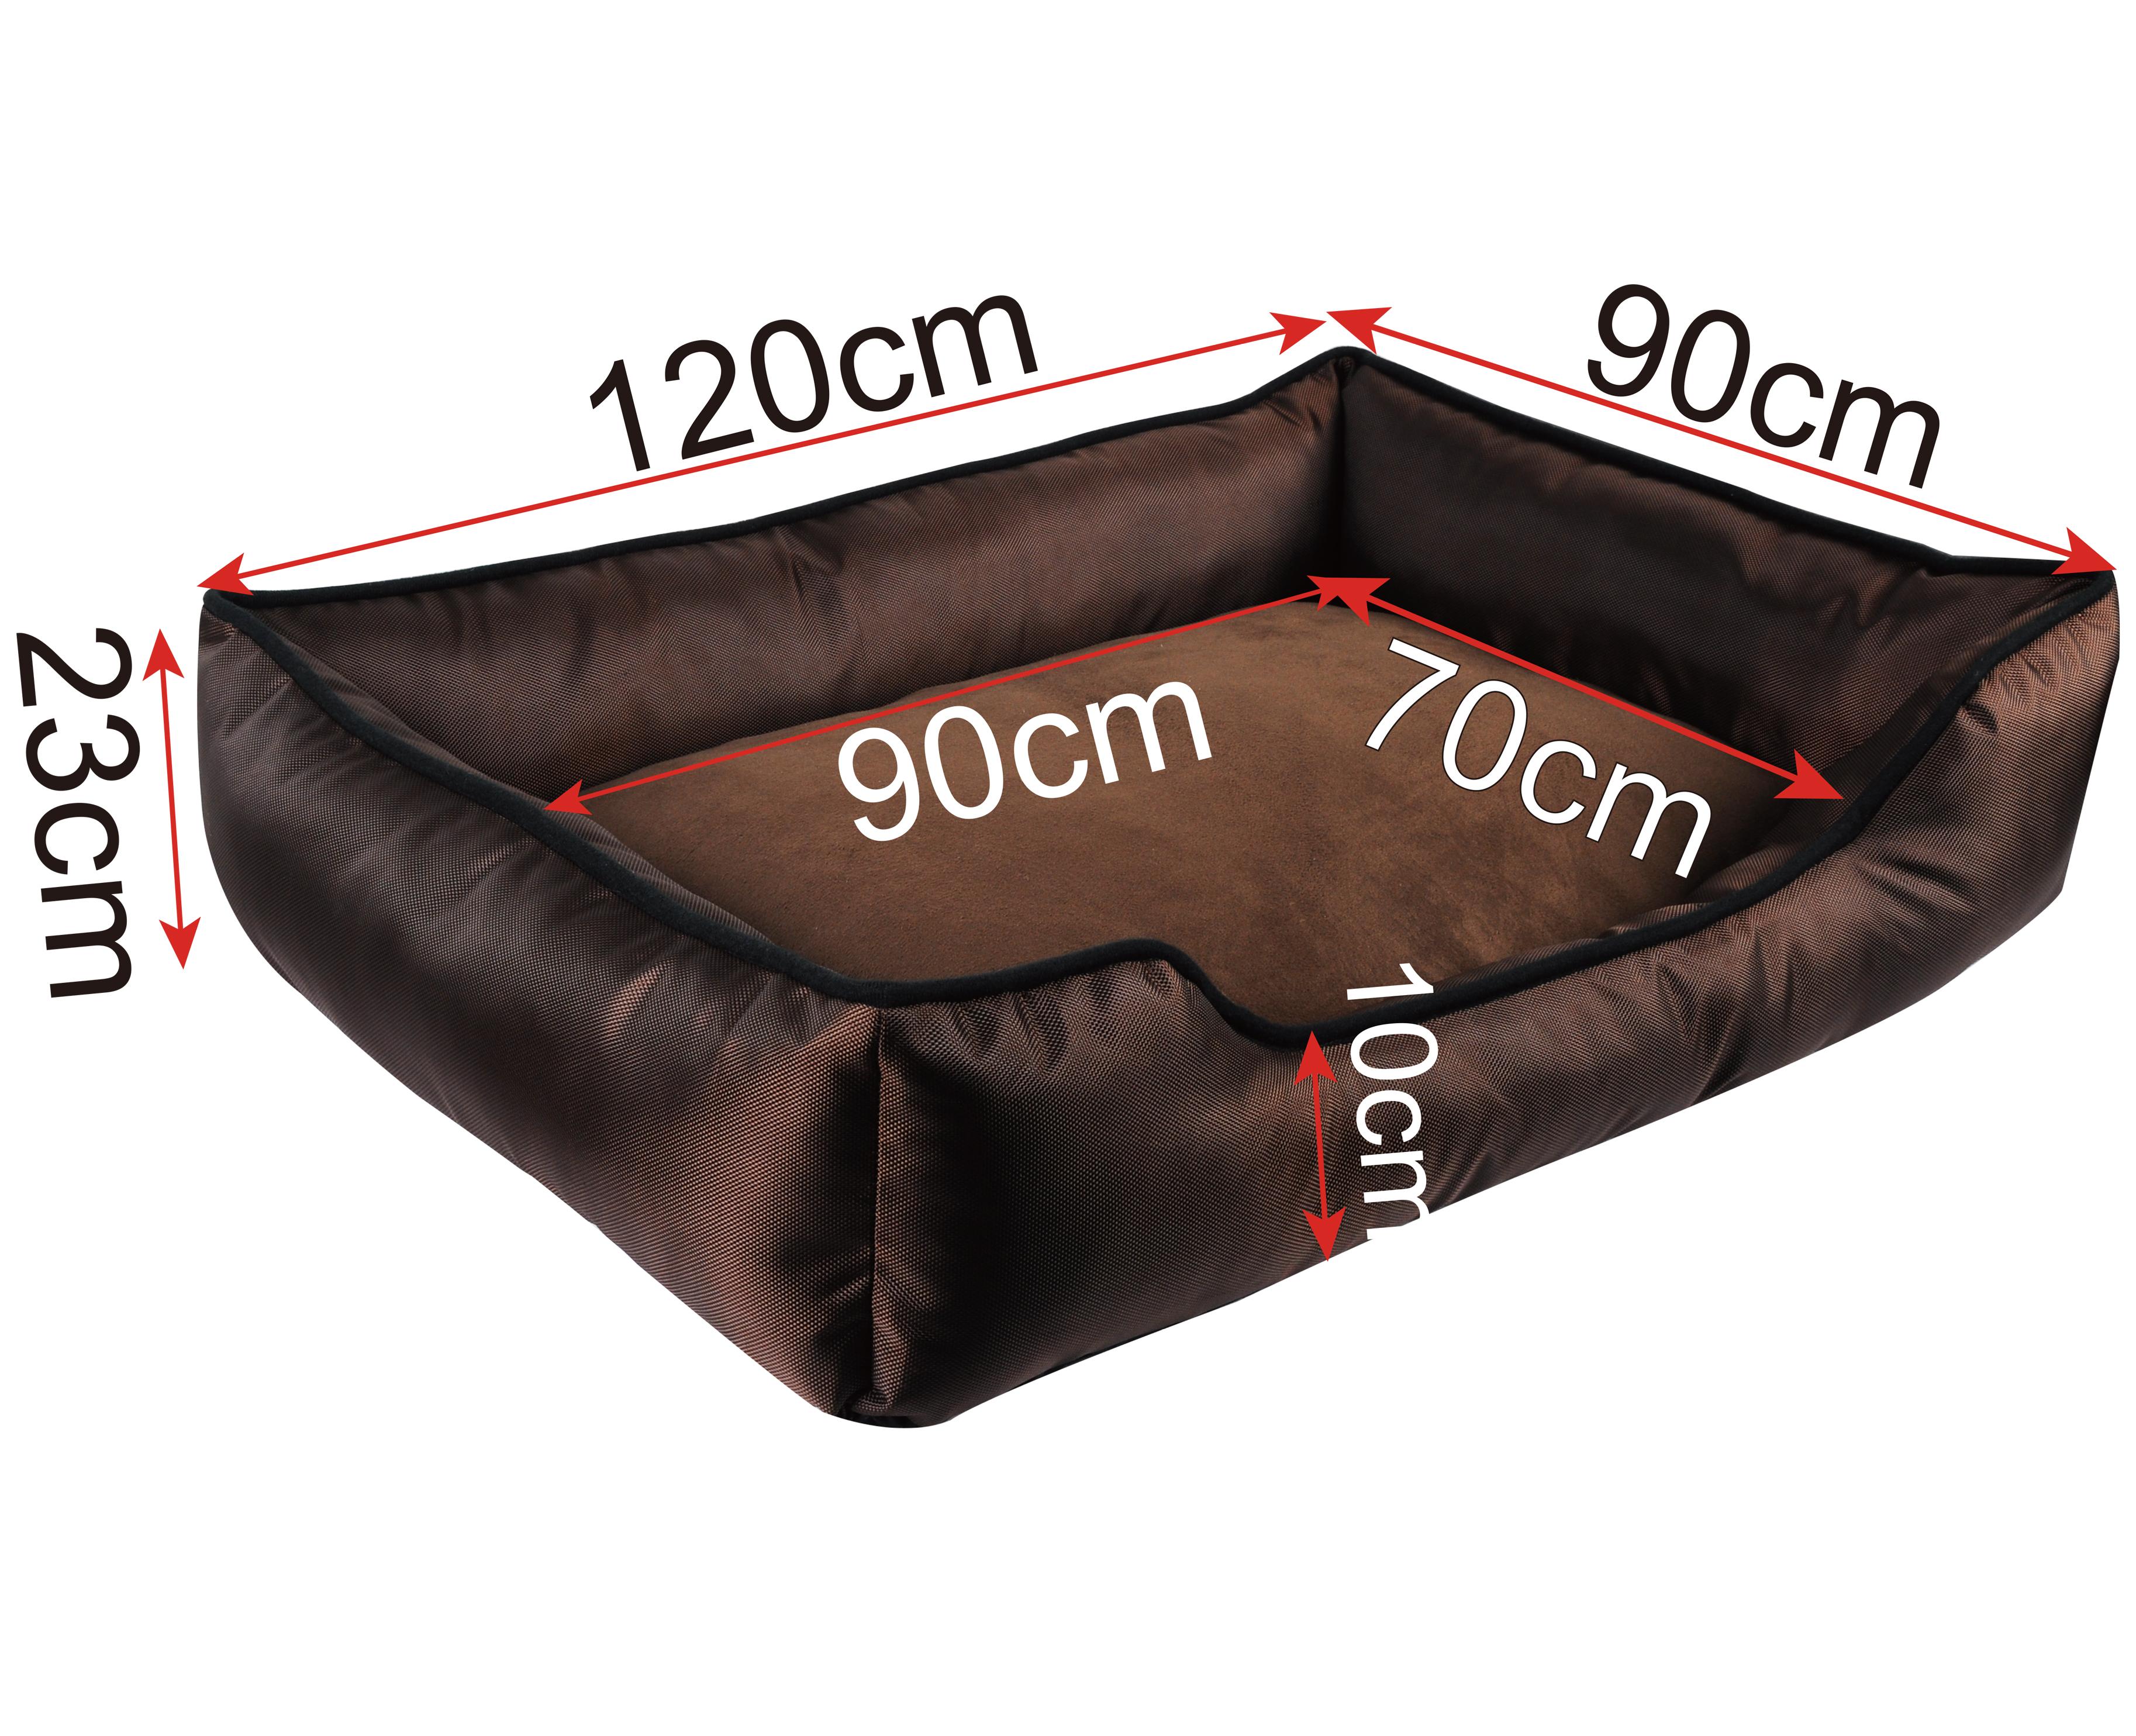 lit pour chien canap coussin panier animal brun xl xxl xxxl 367 ebay. Black Bedroom Furniture Sets. Home Design Ideas